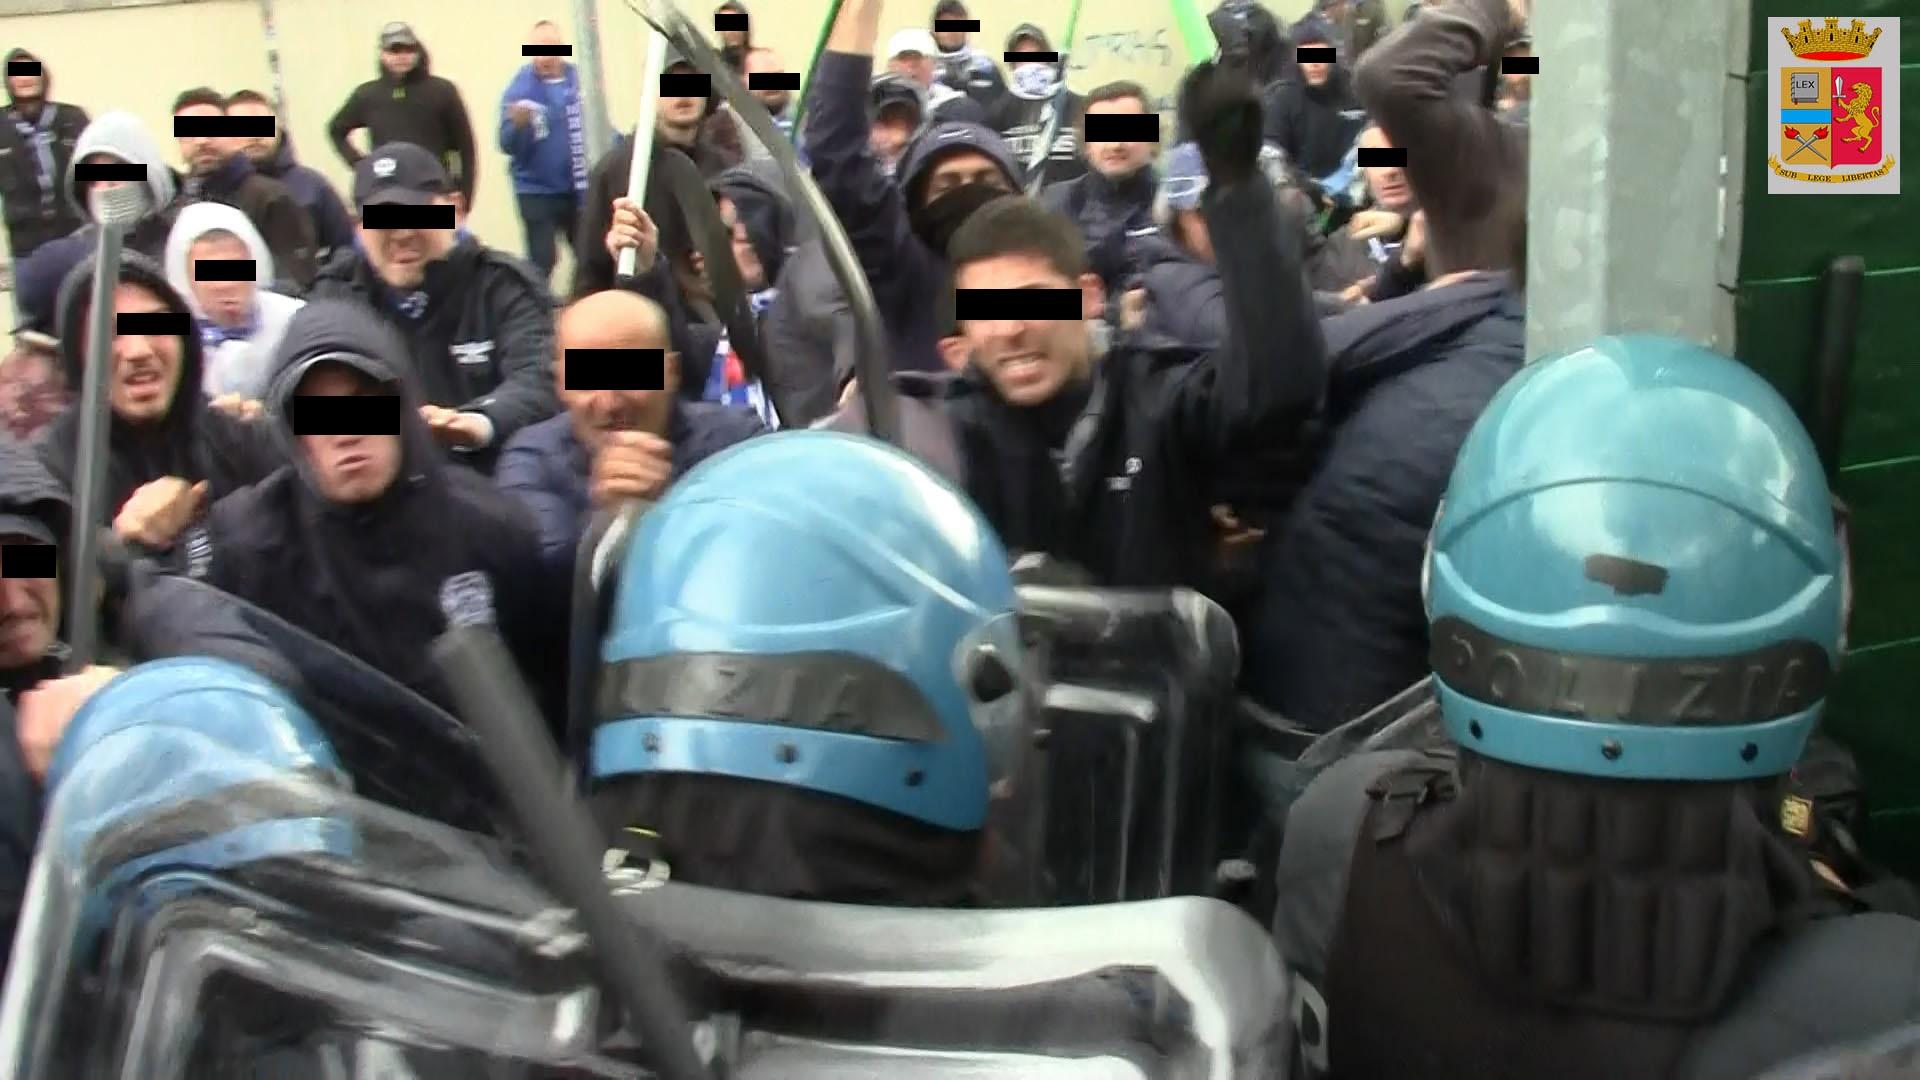 Vicenza polizia di stato denuncia 25 persone per gli for Questura di brescia permesso di soggiorno online